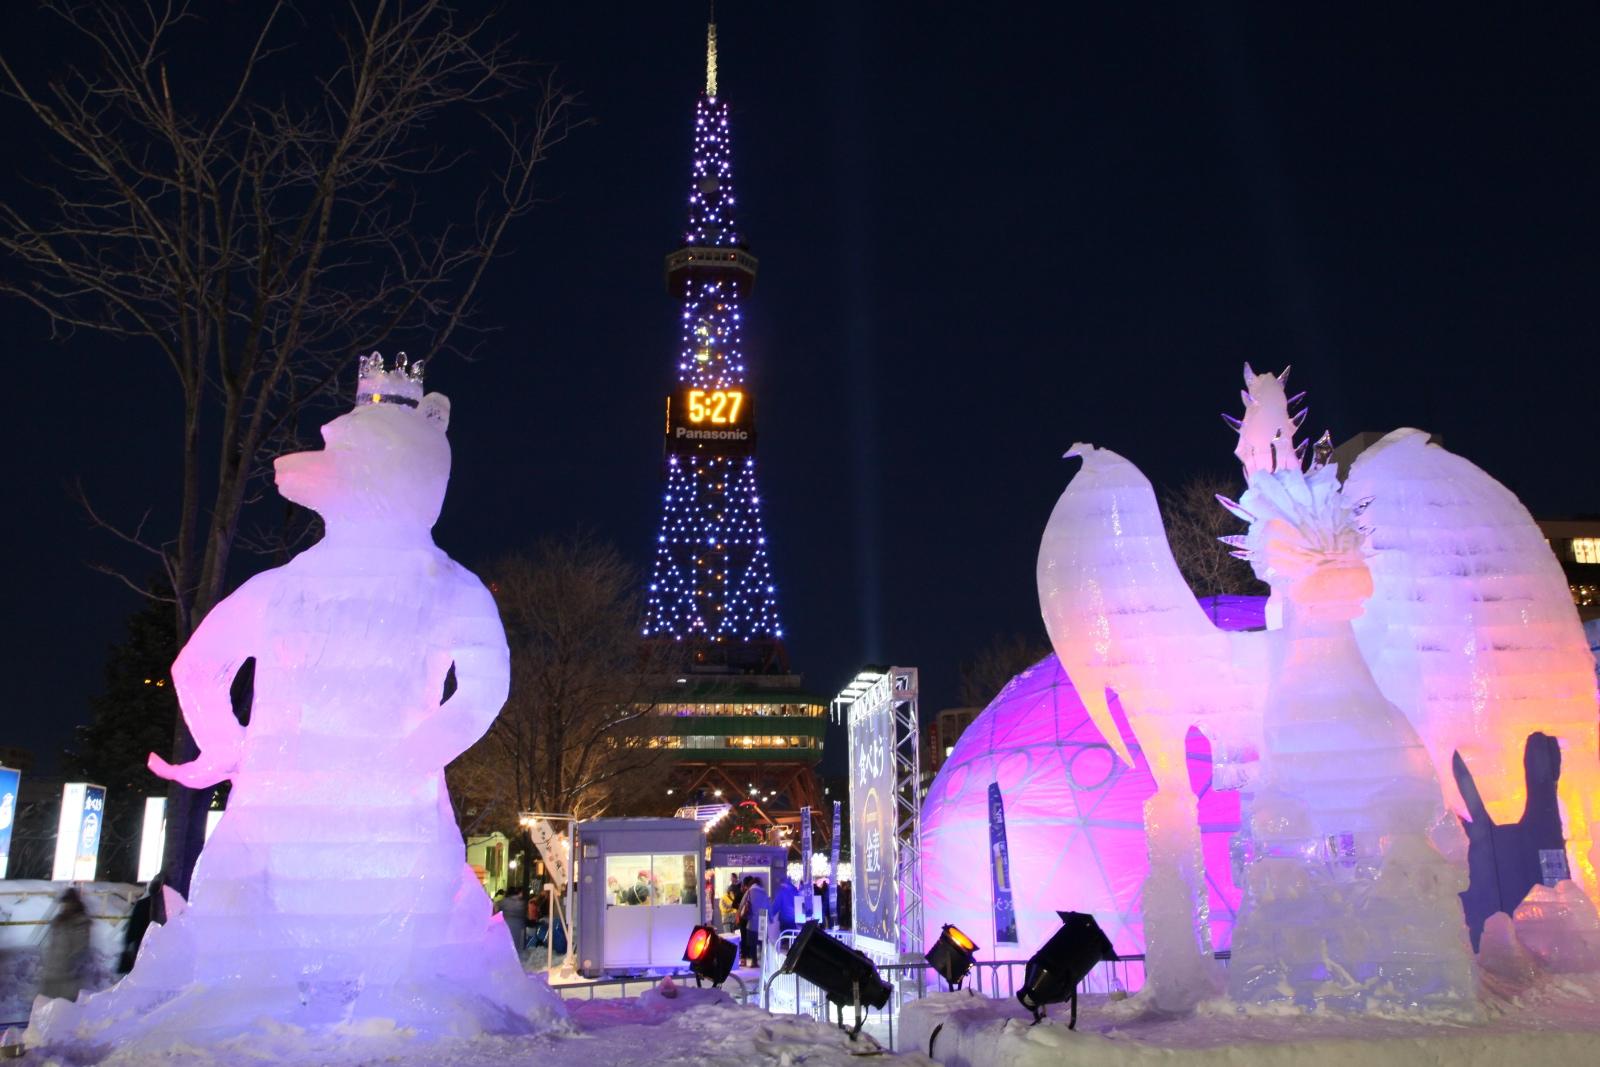 Sapporo Snow Festival lit up sculptures.